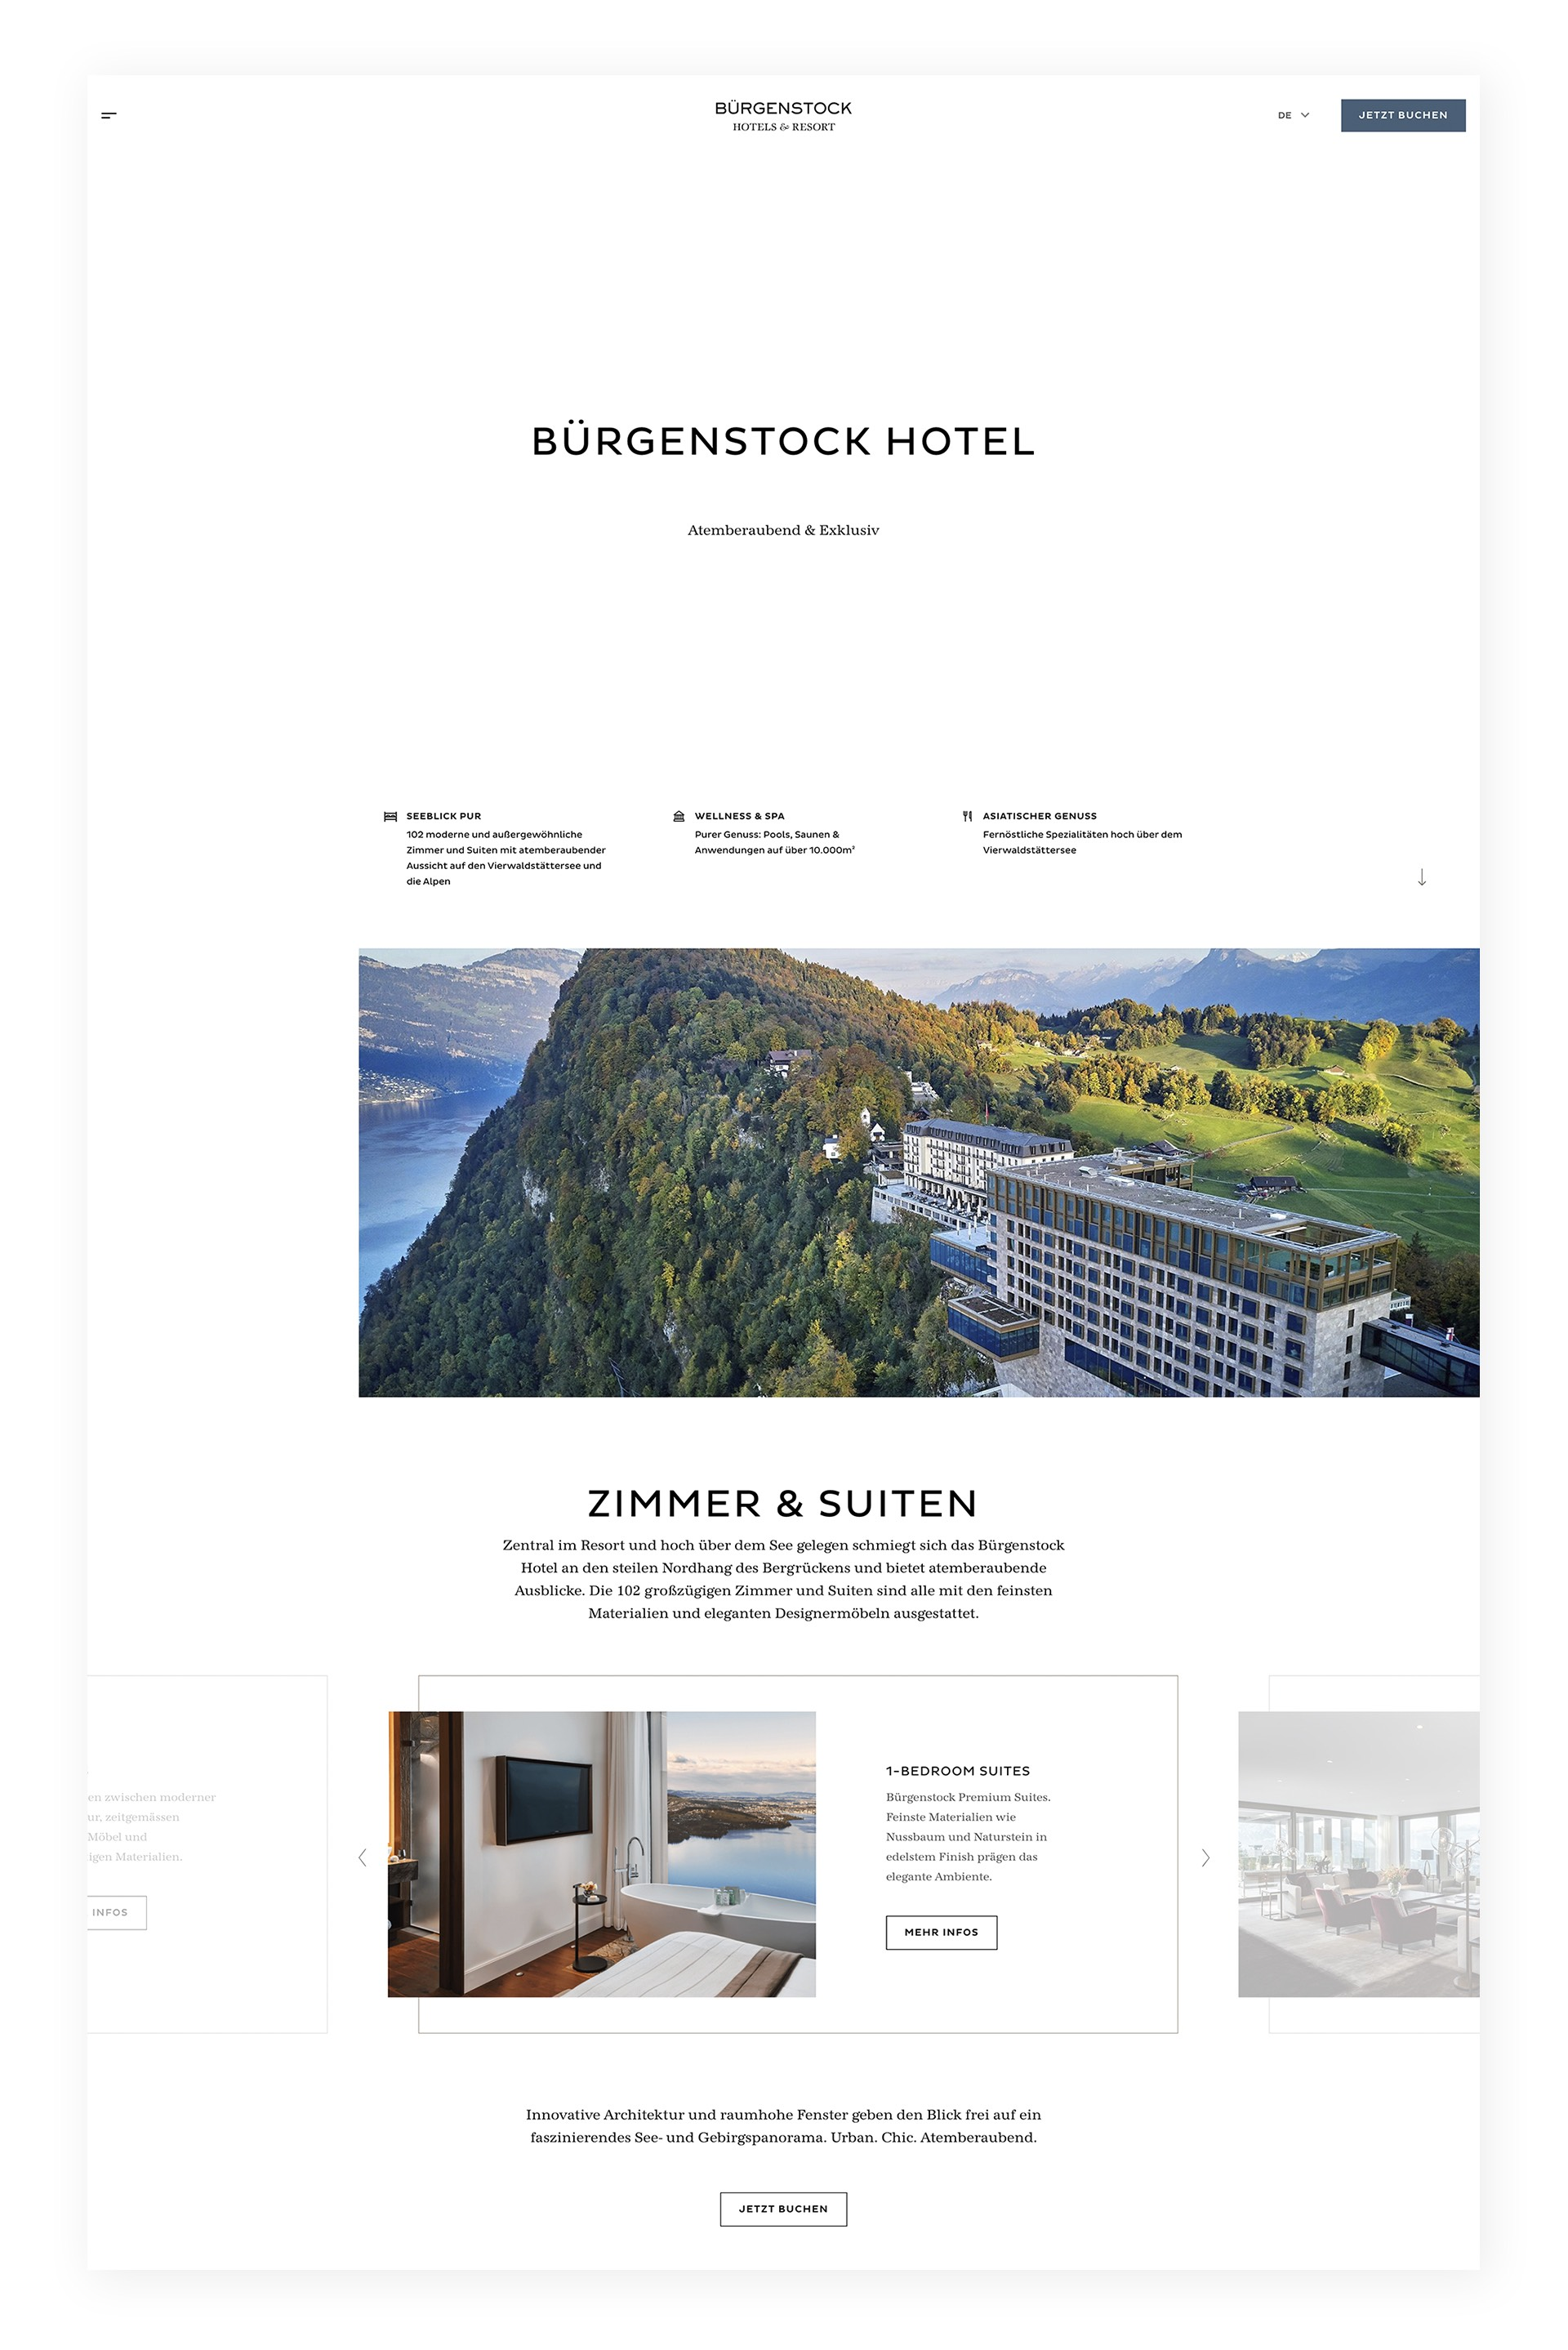 Bürgenstock_Sleep_Screen-squashed